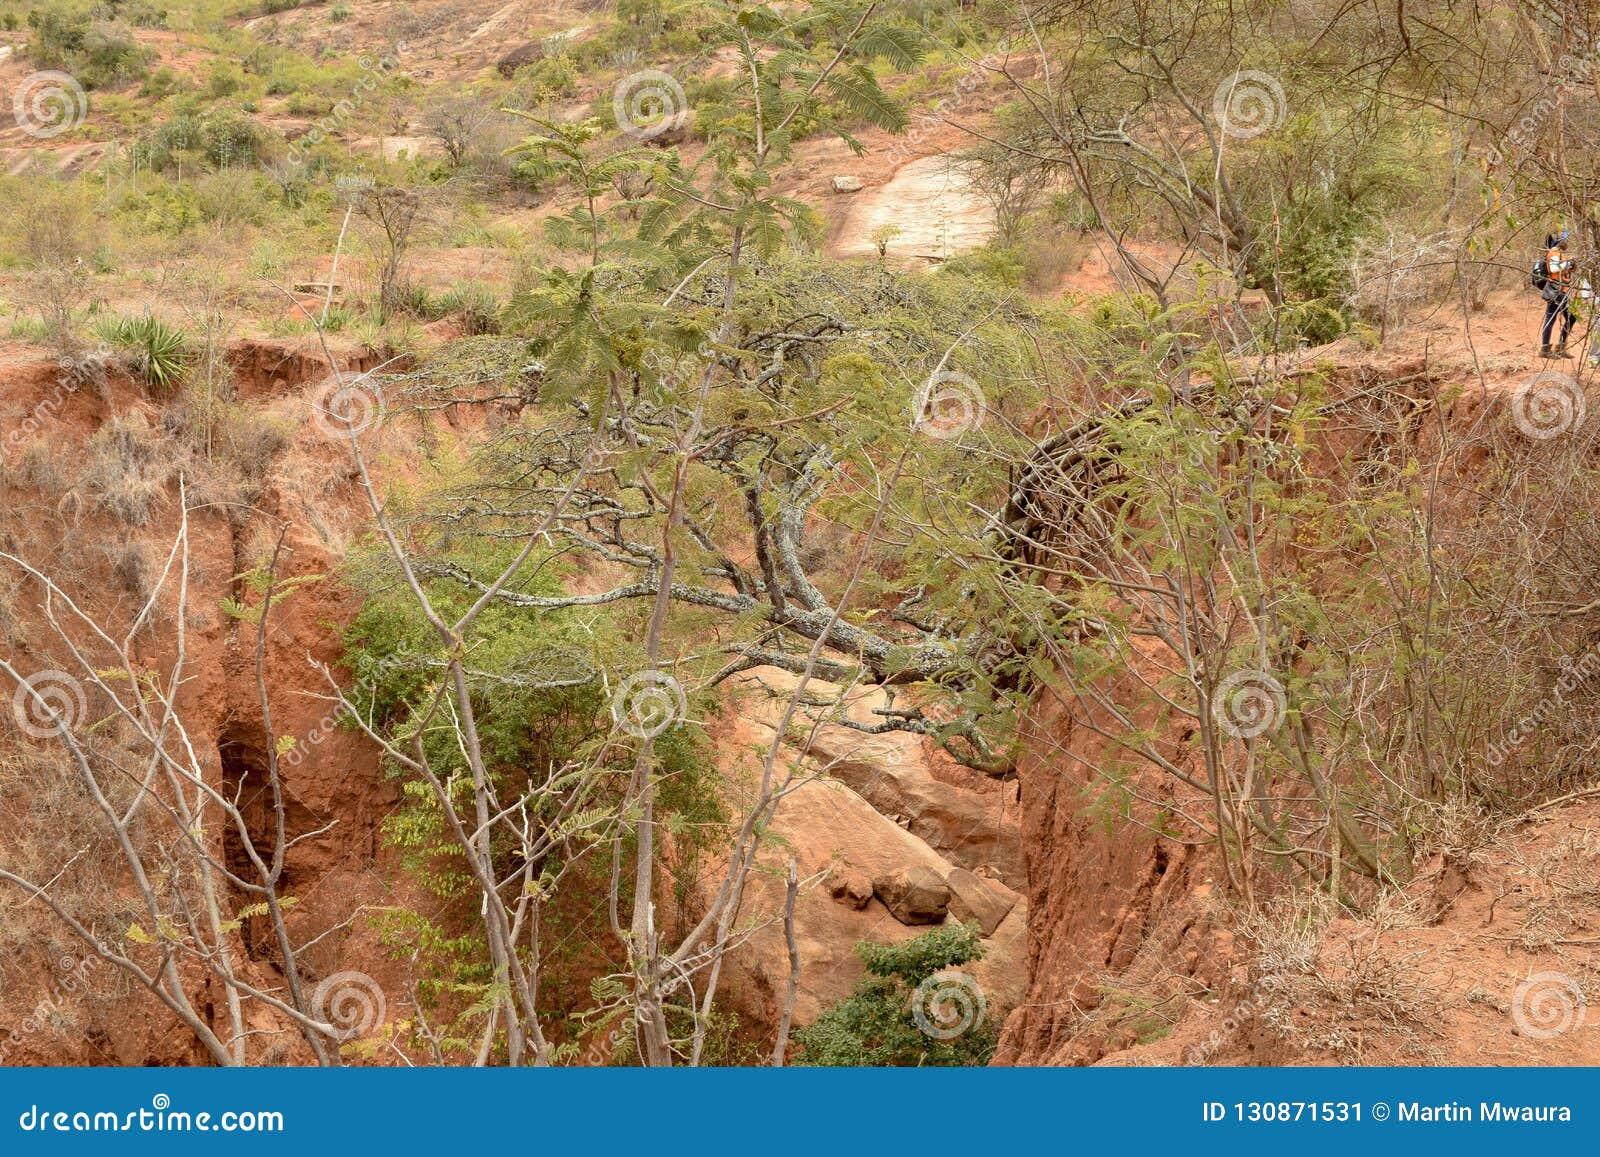 Wygryziona ziemia z few Akacjowymi drzewami, Kilome równiny, Makueni okręg administracyjny, Kenja